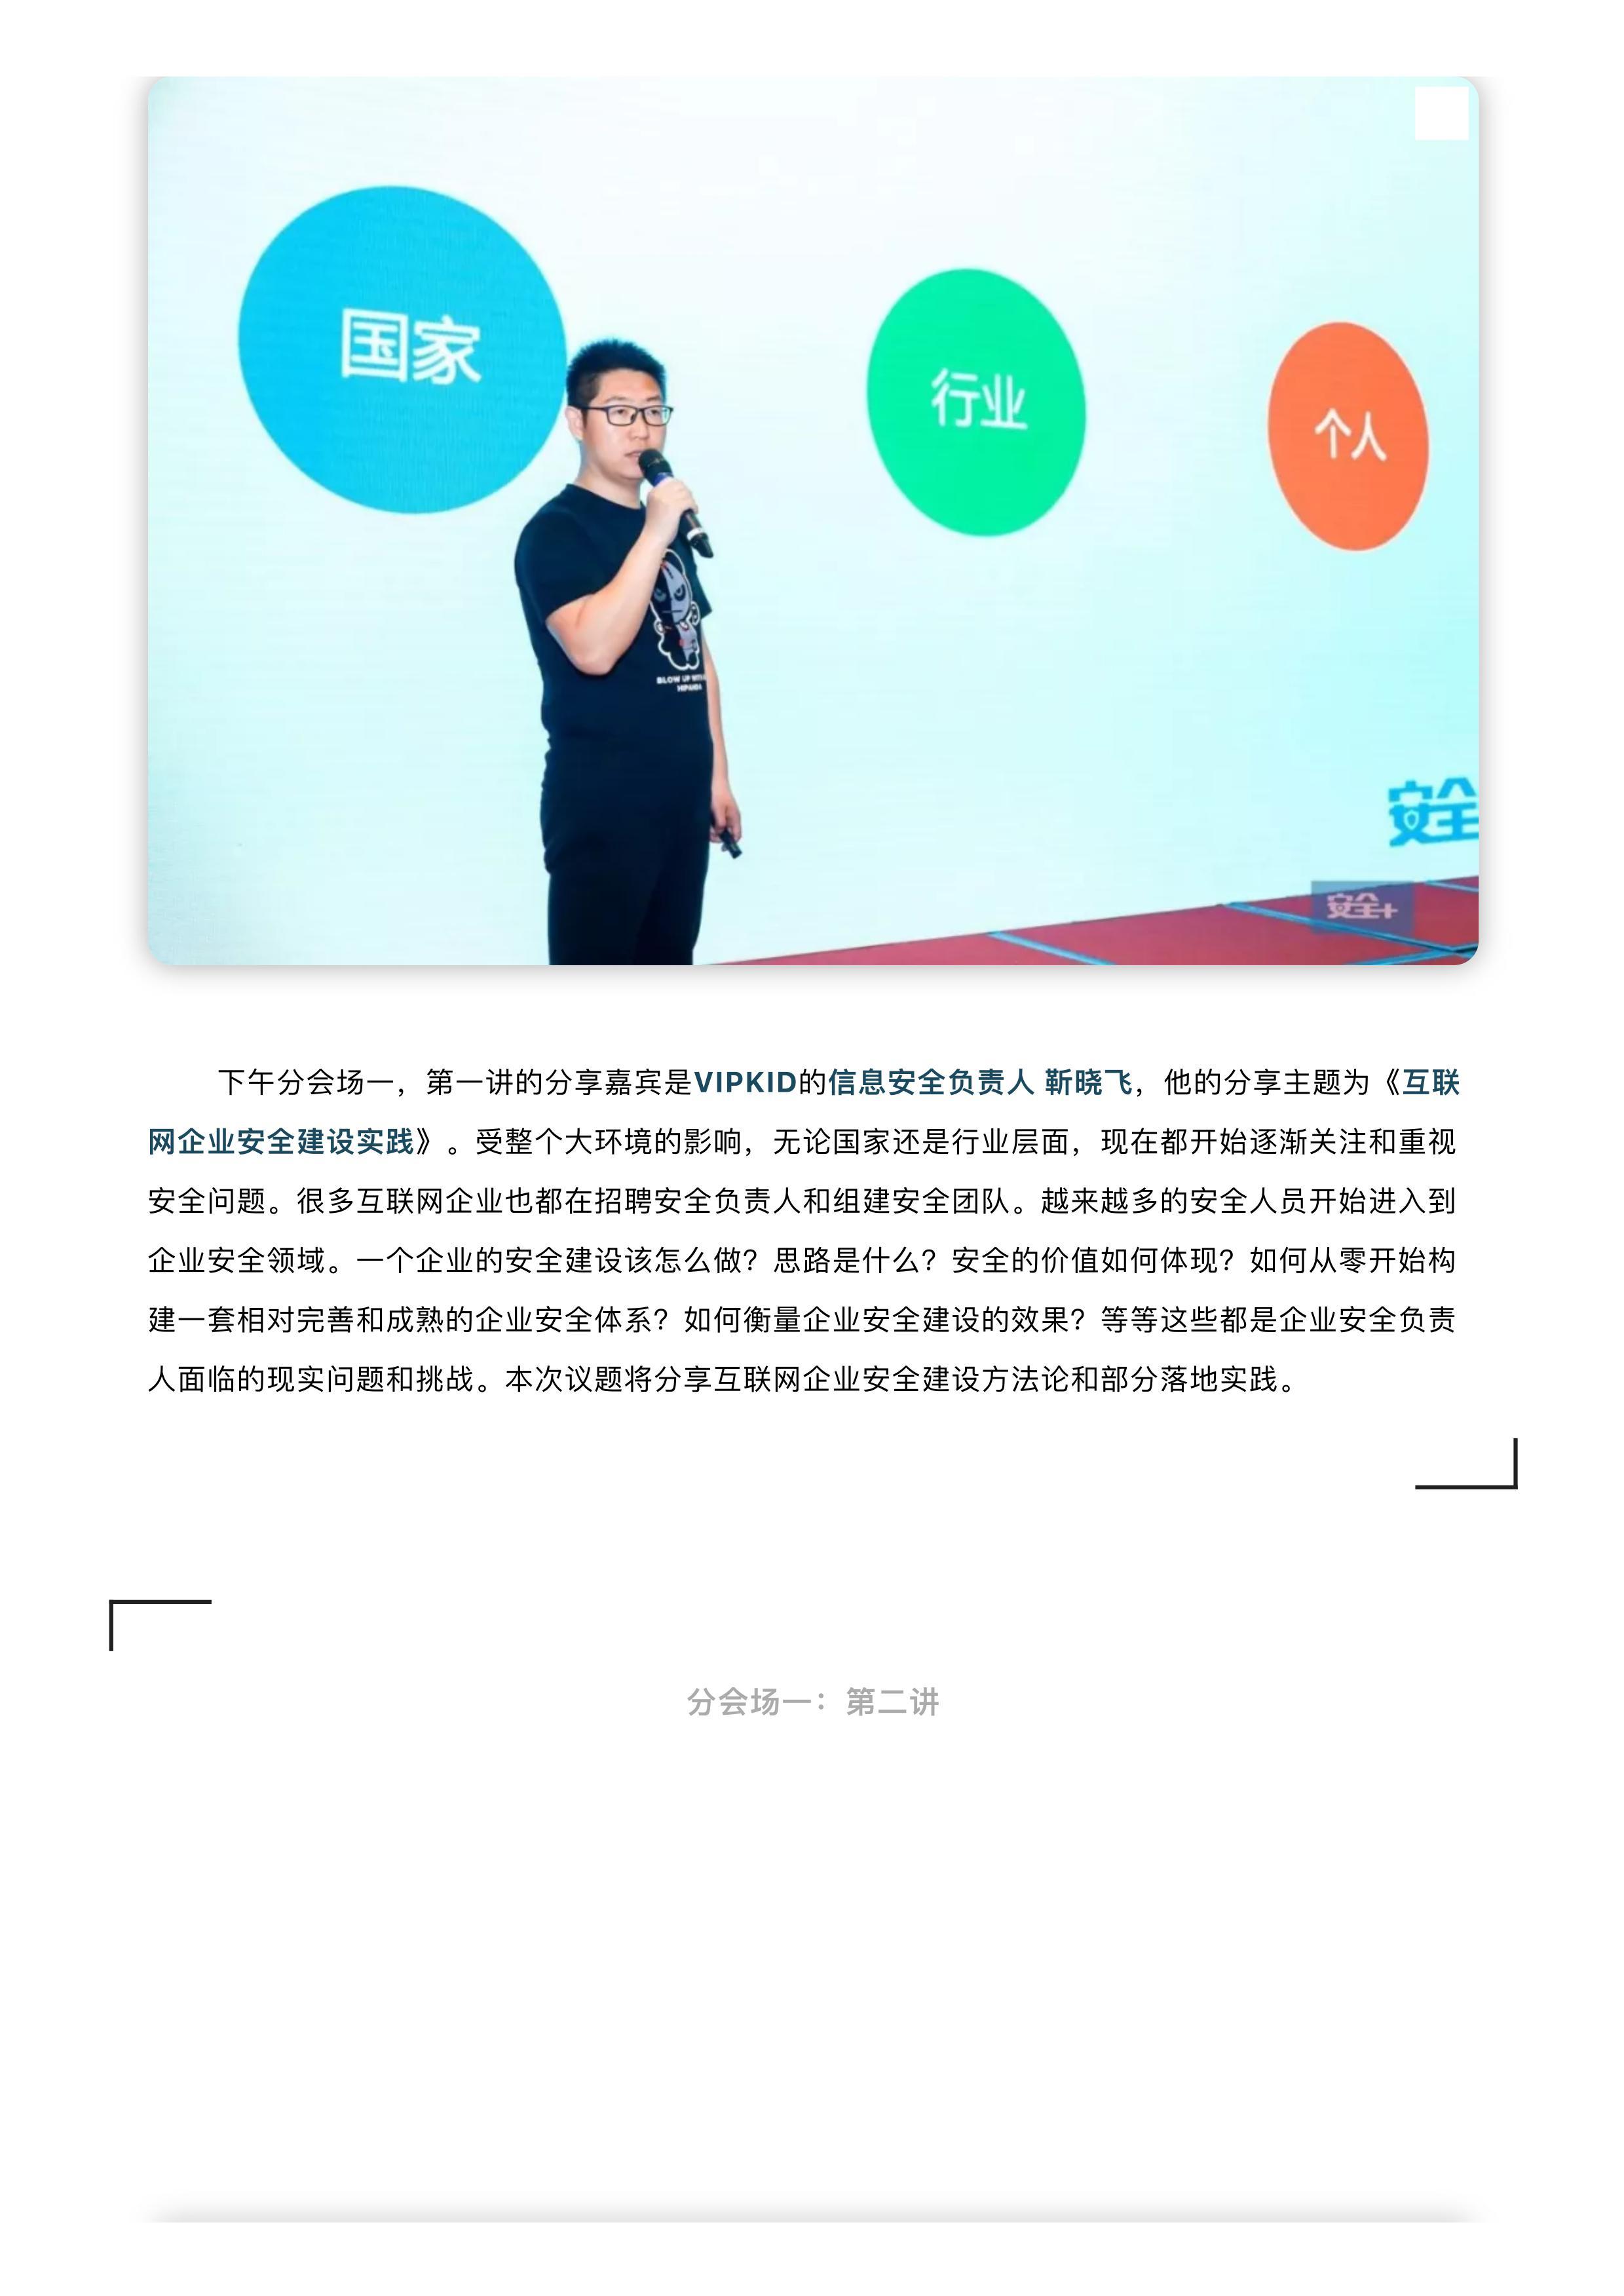 完美落幕 | EISS 2019企业信息安全峰会之北京站 3月29日成功举办-RadeBit瑞安全